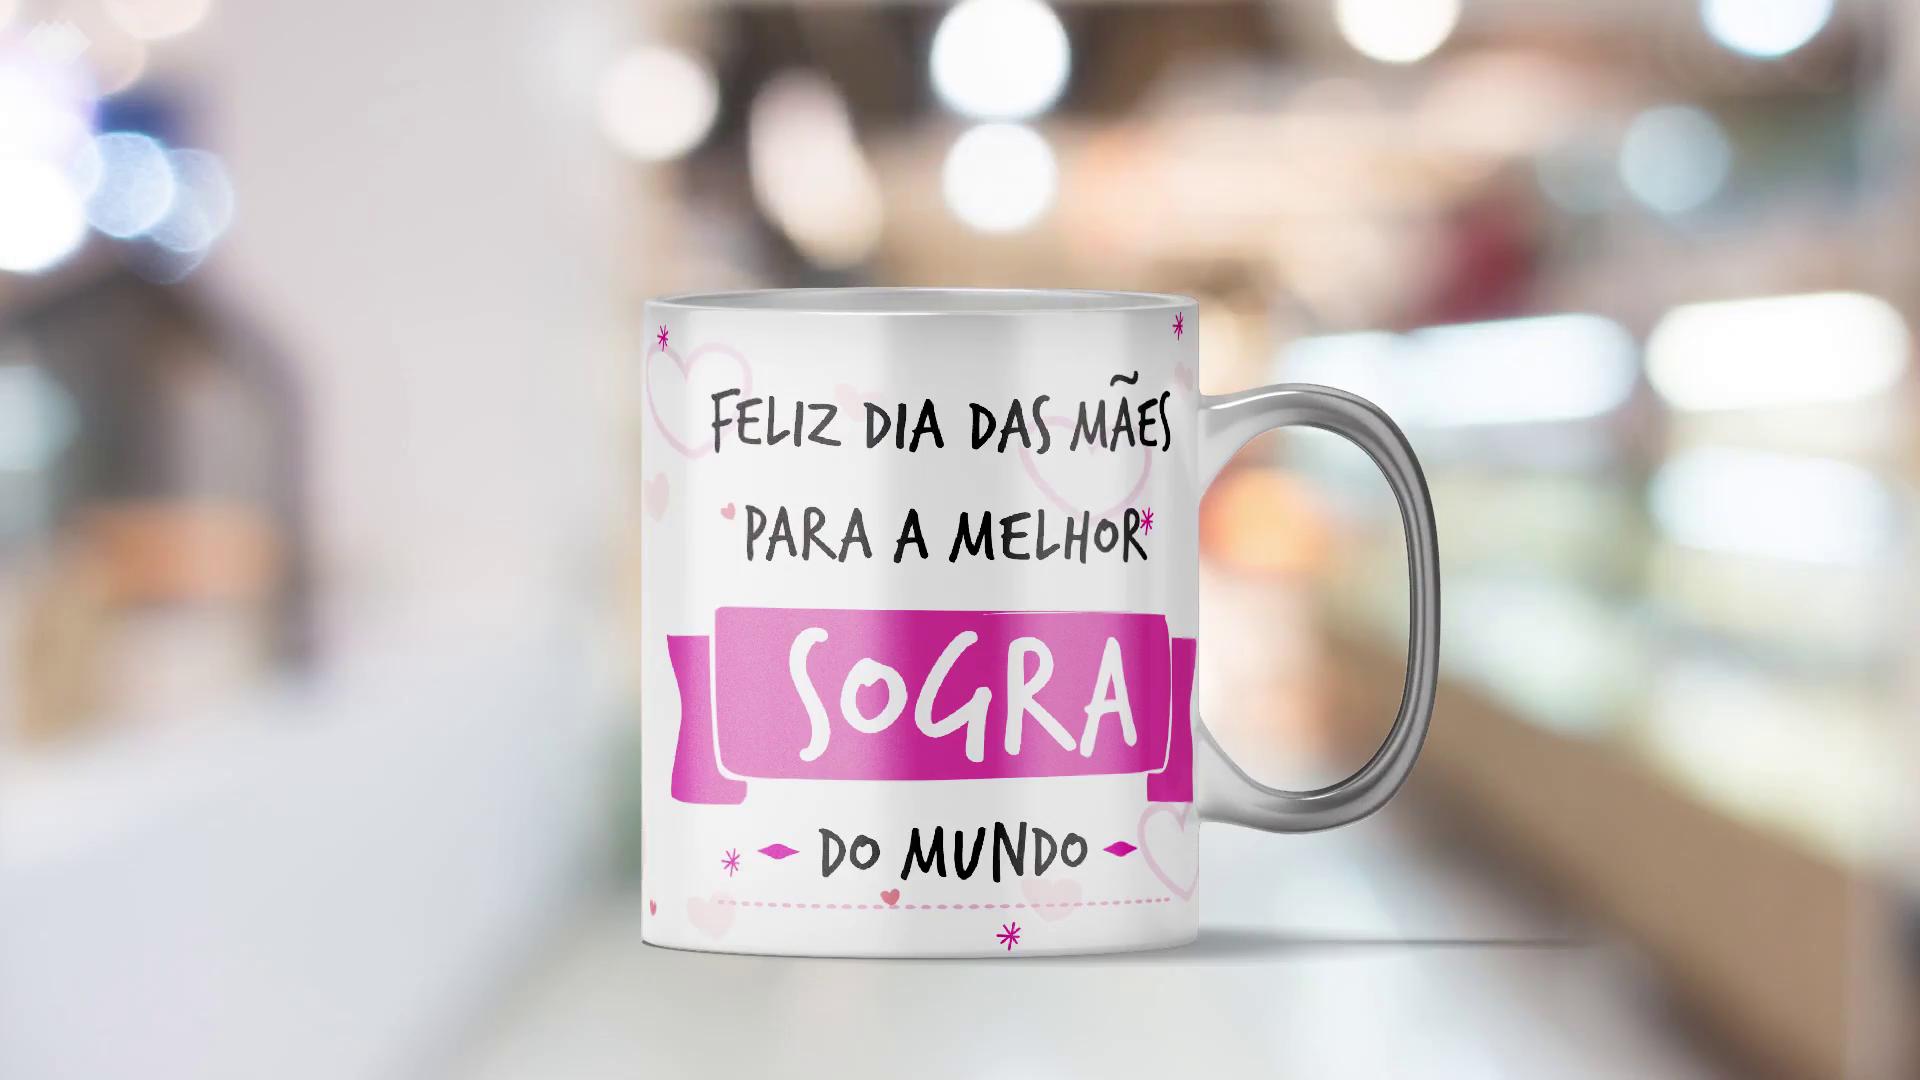 Canecas Personalizadas em Curitiba